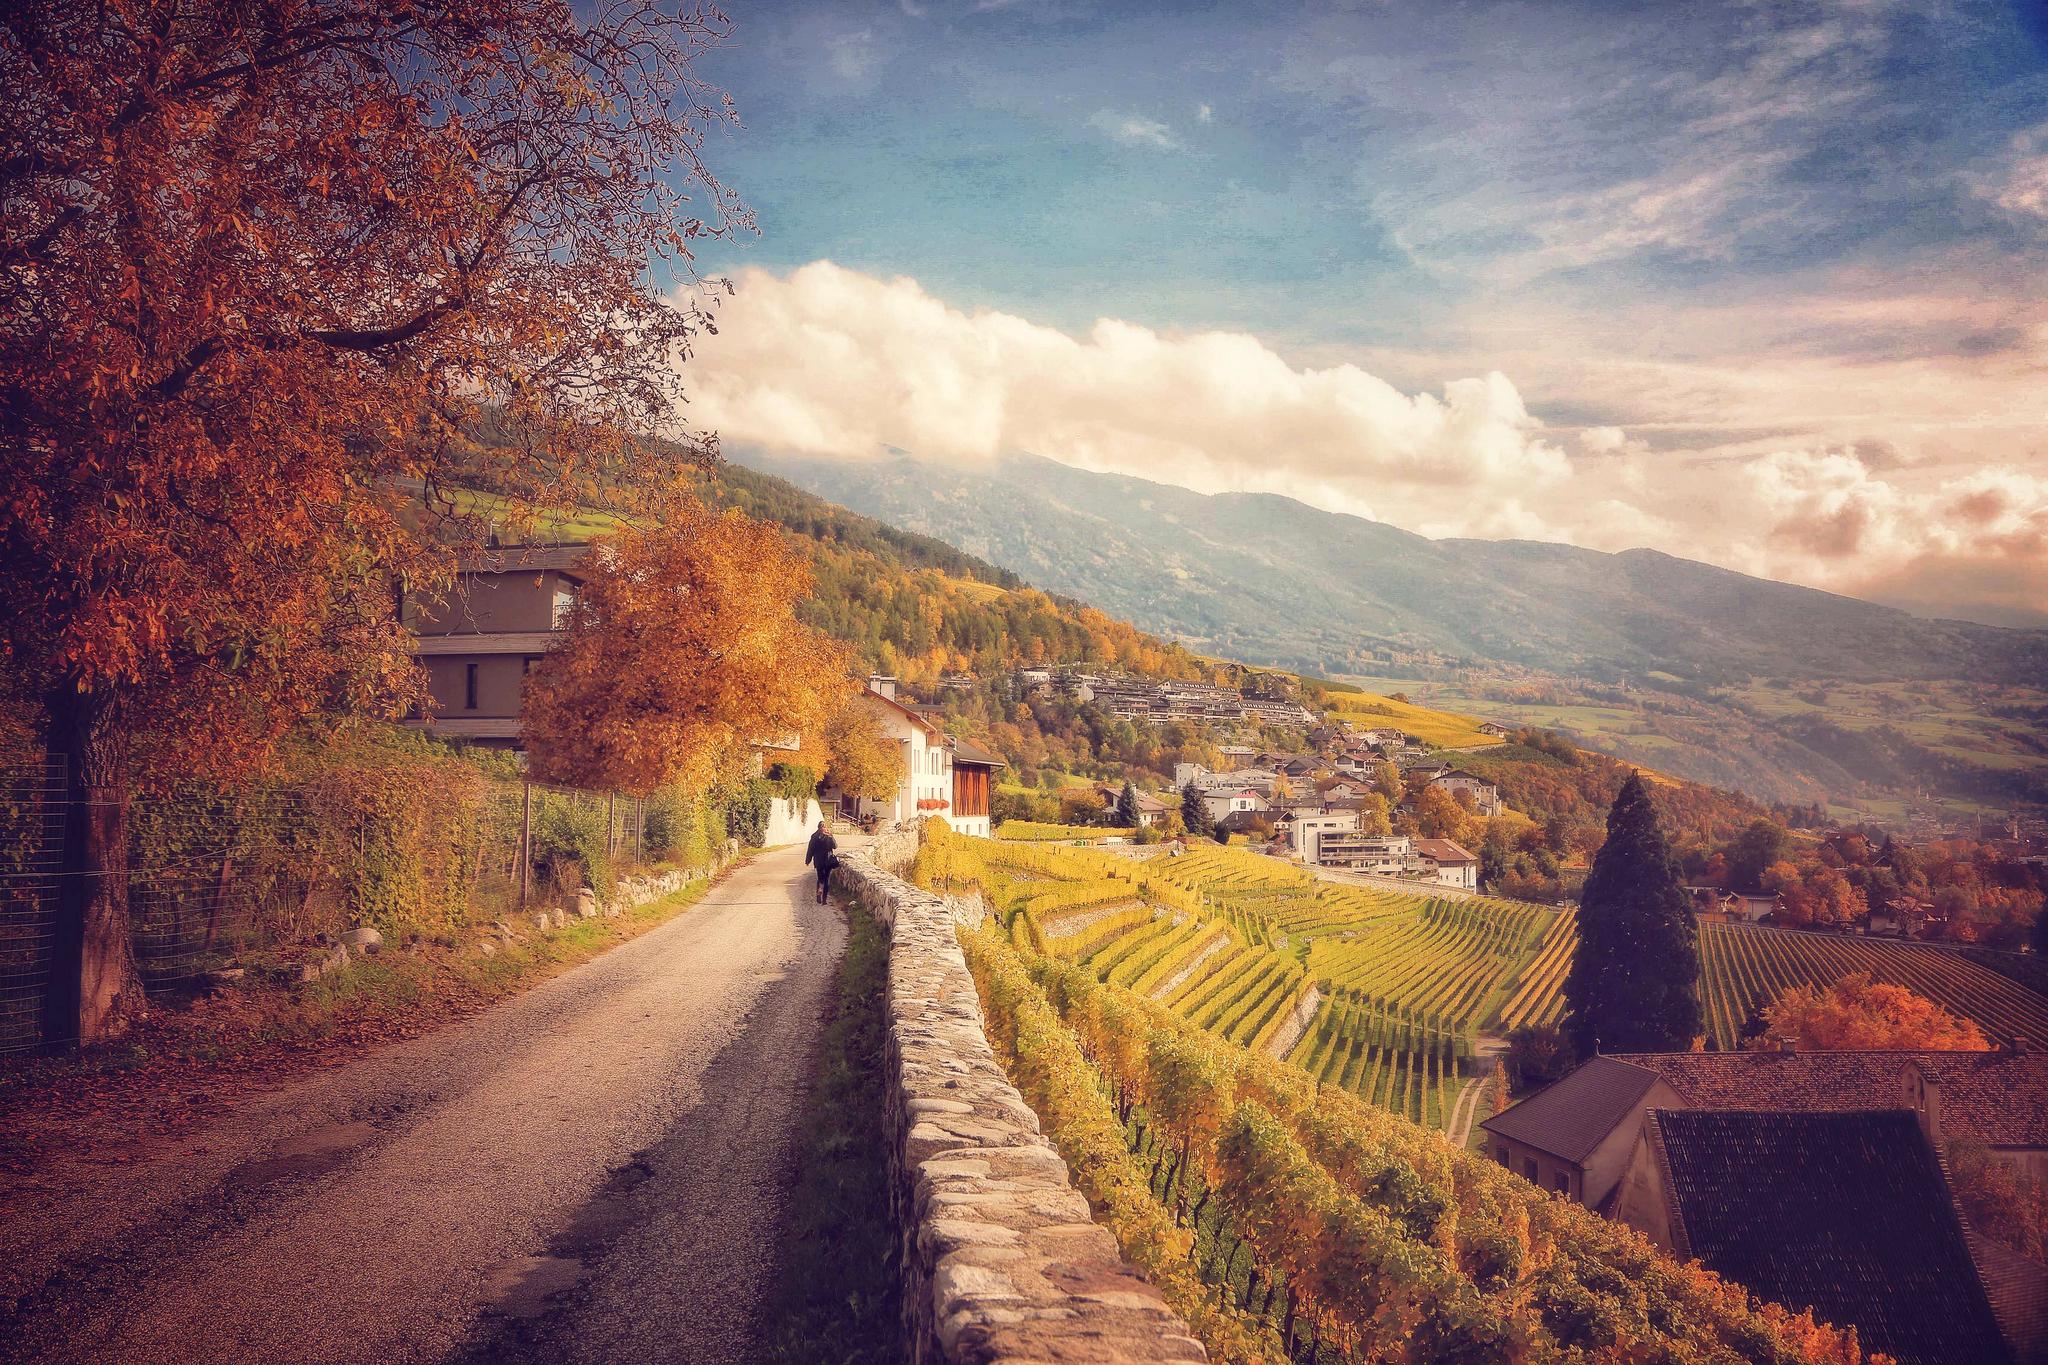 дорога в Италии  № 2221882 бесплатно